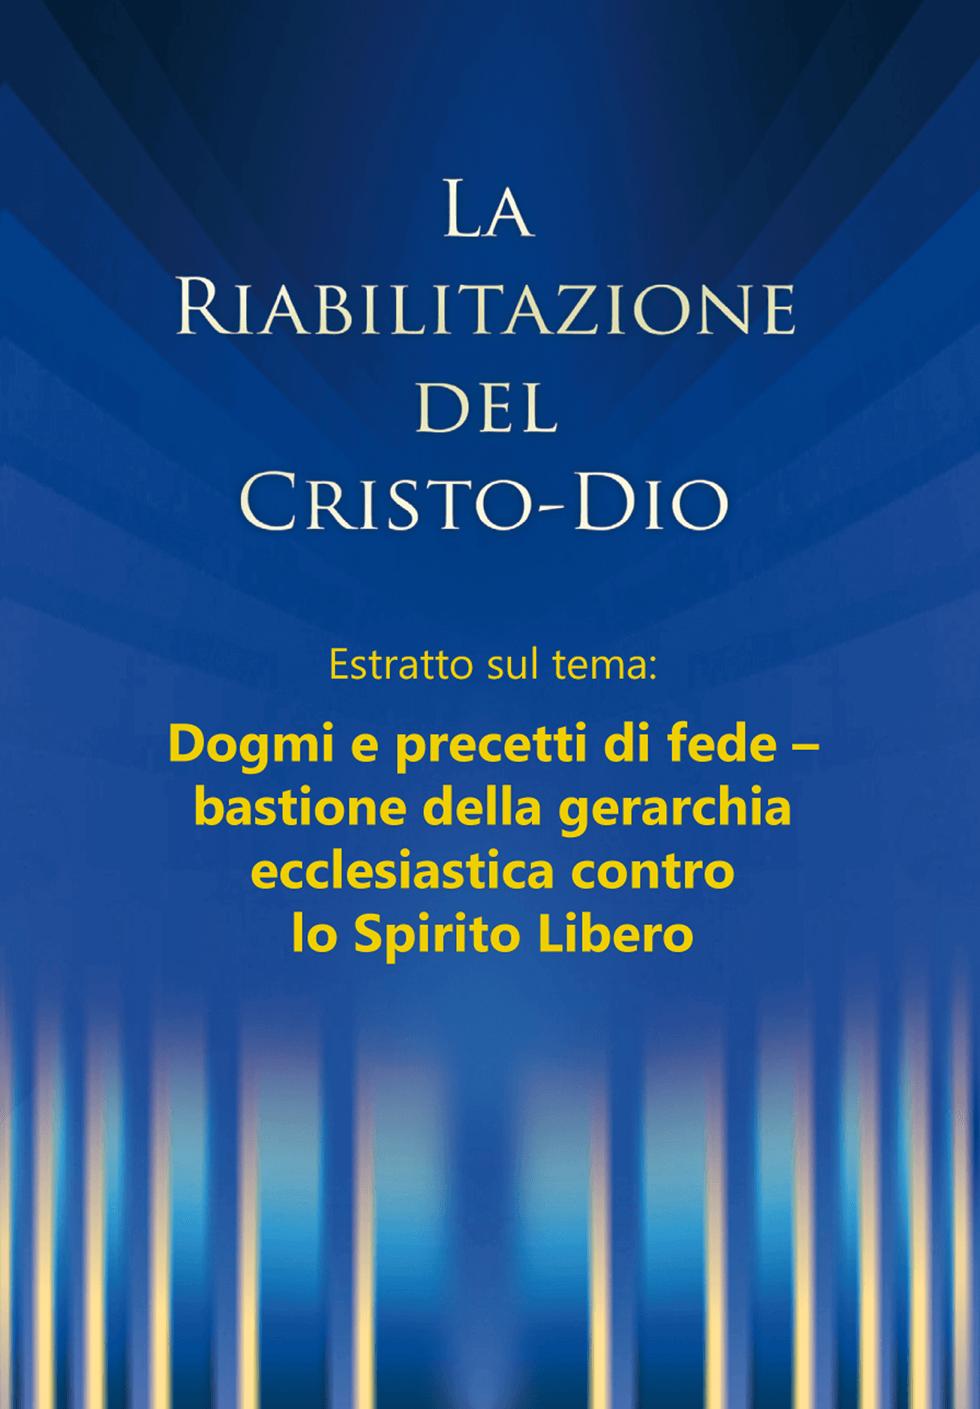 PDF: La riabilitazione - Estratto dal capitolo: Dogmi e precetti di fede